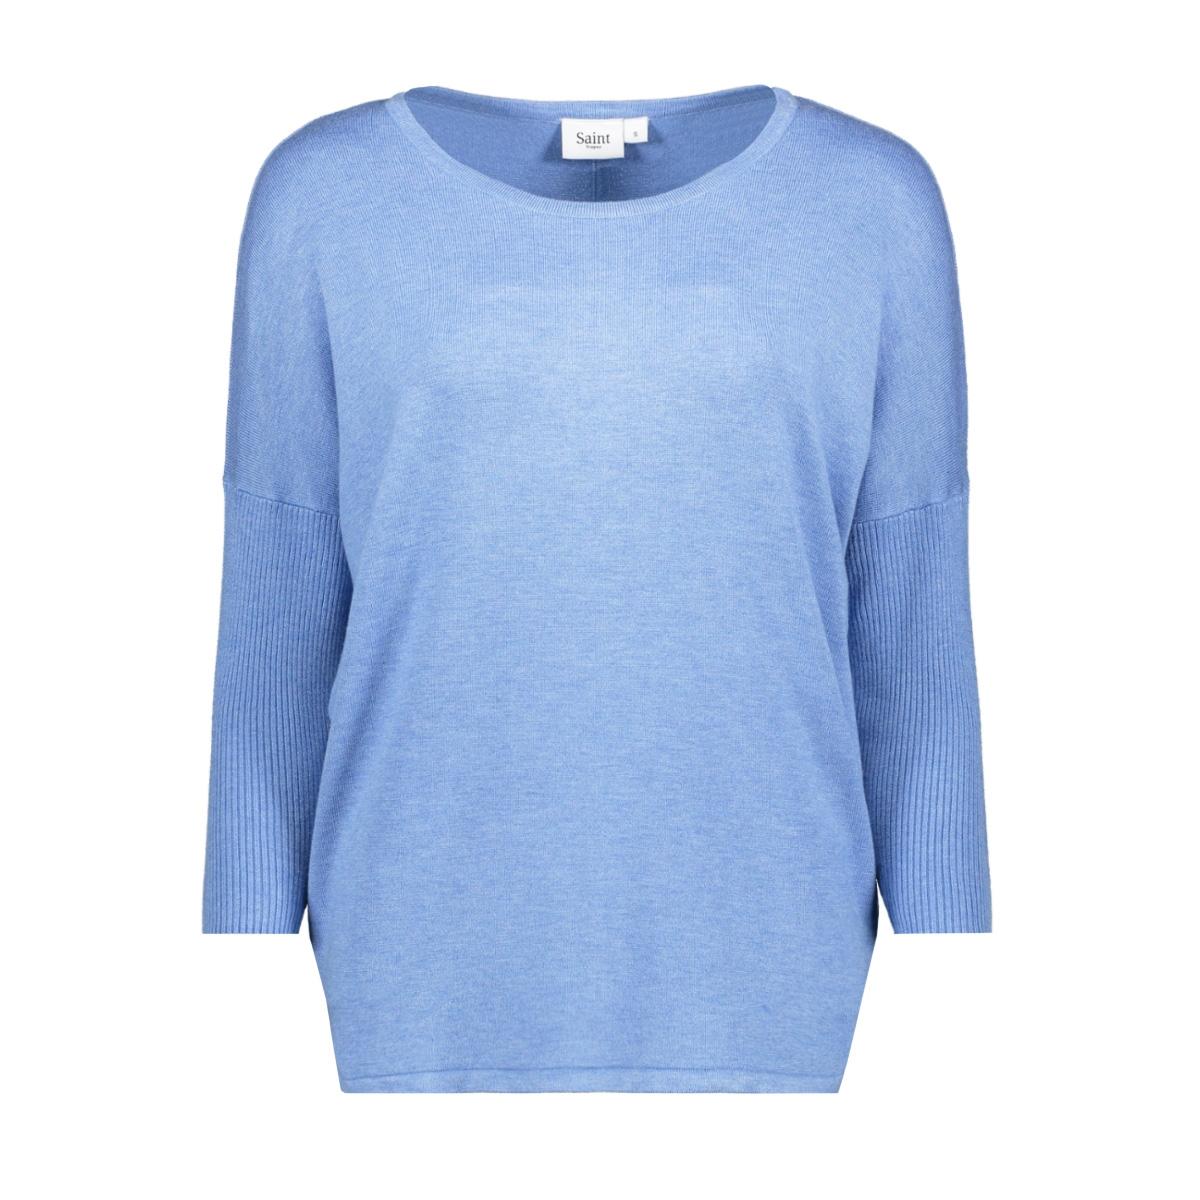 knit blouse w rib sl a2561 30500003 saint tropez trui 1740301